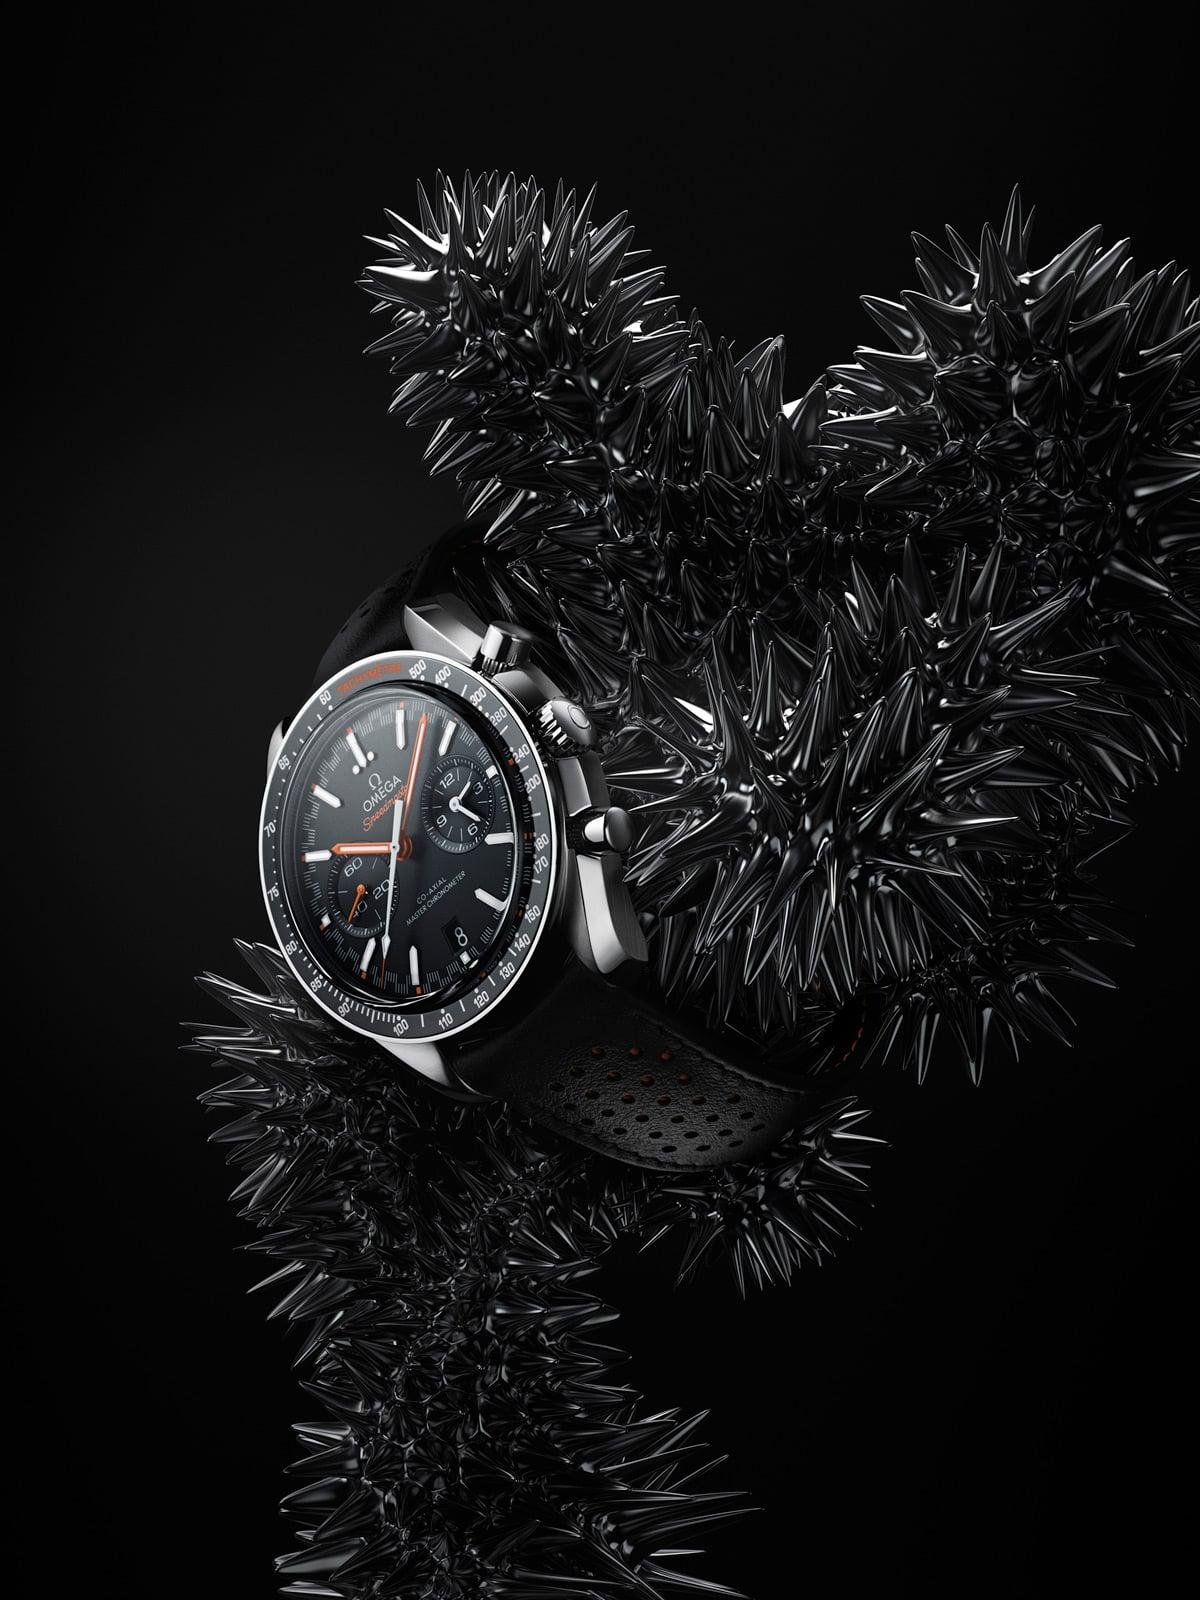 欧米茄腕表: 防磁腕表——难以阻挡的魅力 - 产品甄选 - 35979